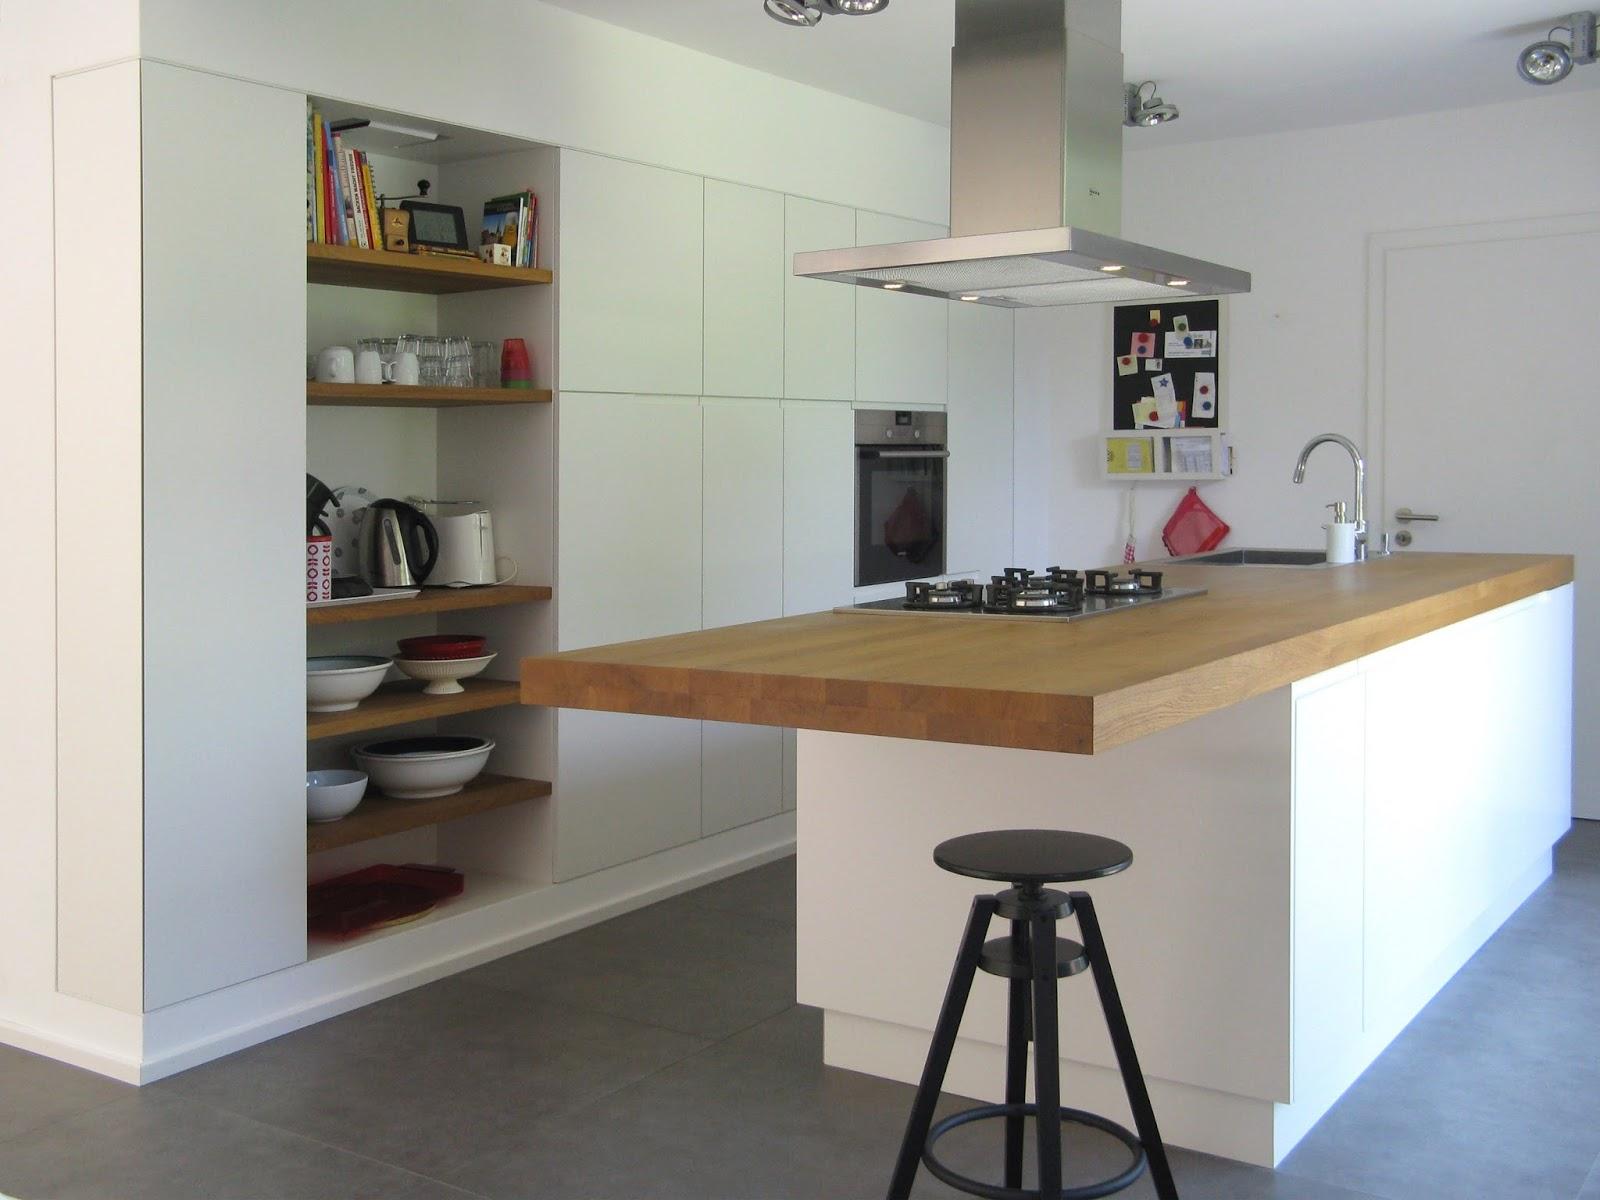 Küchenzeile Mit Herd Und Spüle Ostseesuche